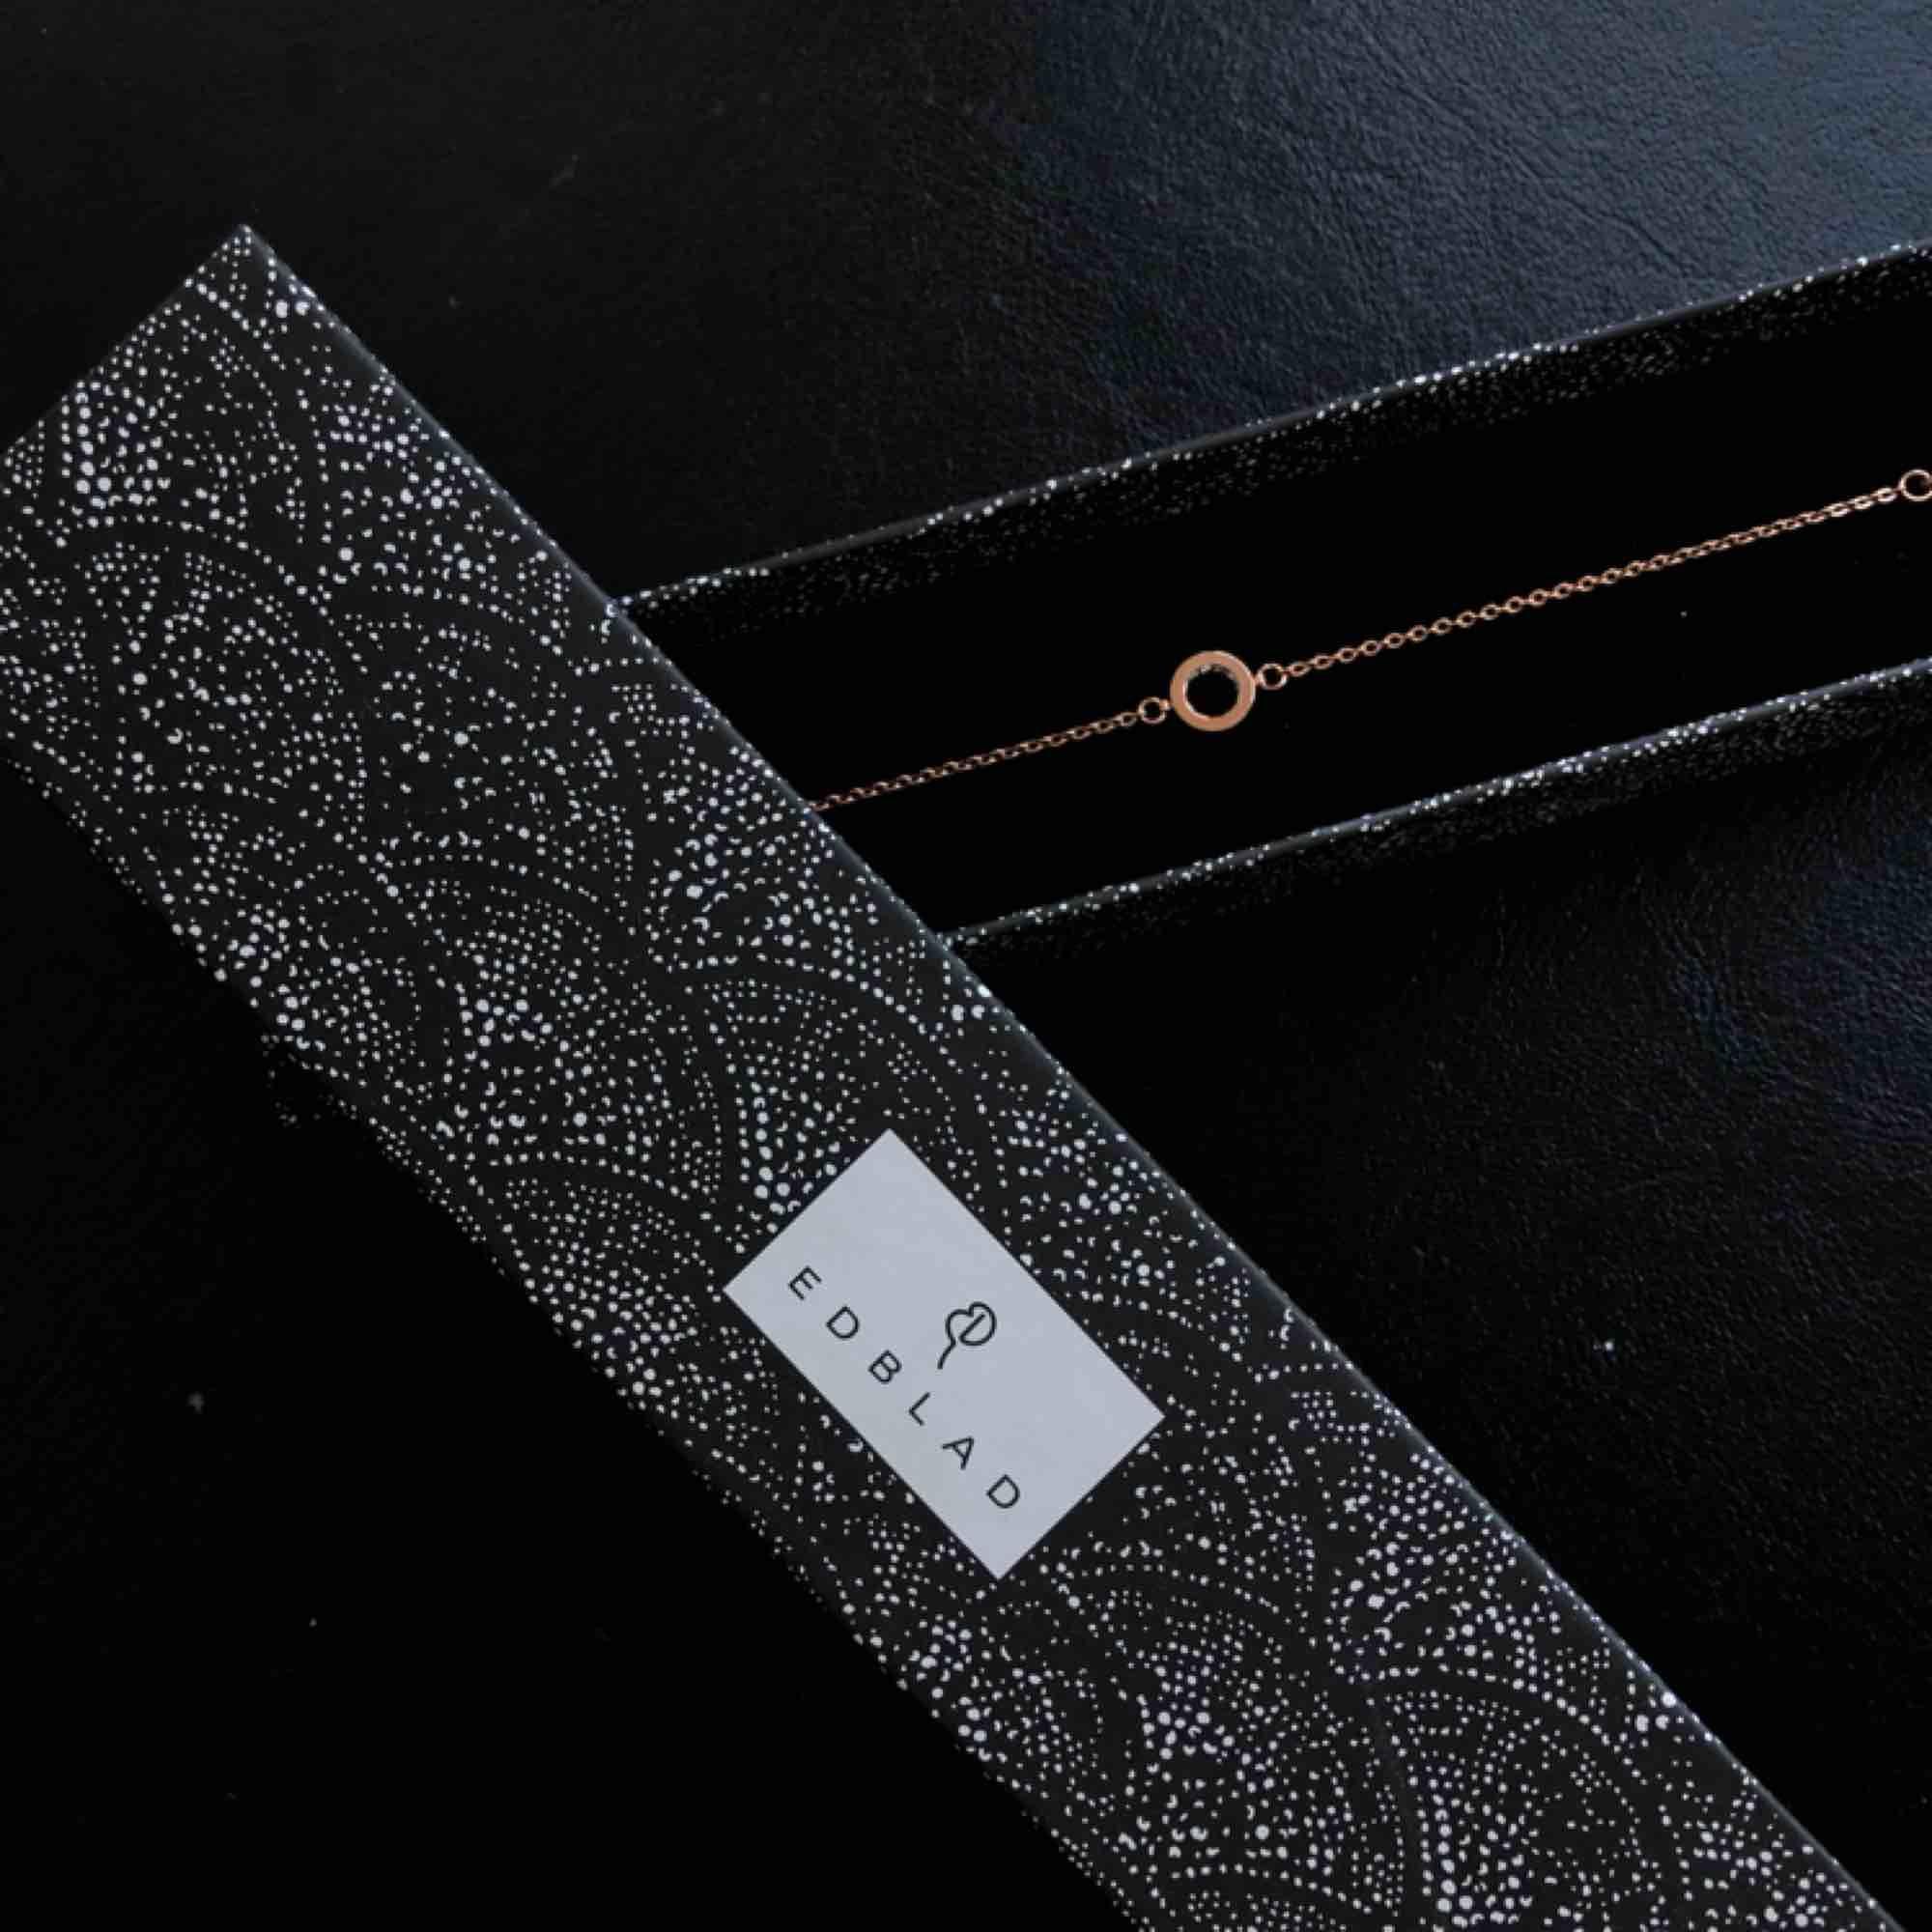 Fint armband i roséguld från Edblad jag fick i studentpresent. Säljer pga använder ej armband. Inuti den lilla ringen är det små diamanter-ish. Accessoarer.